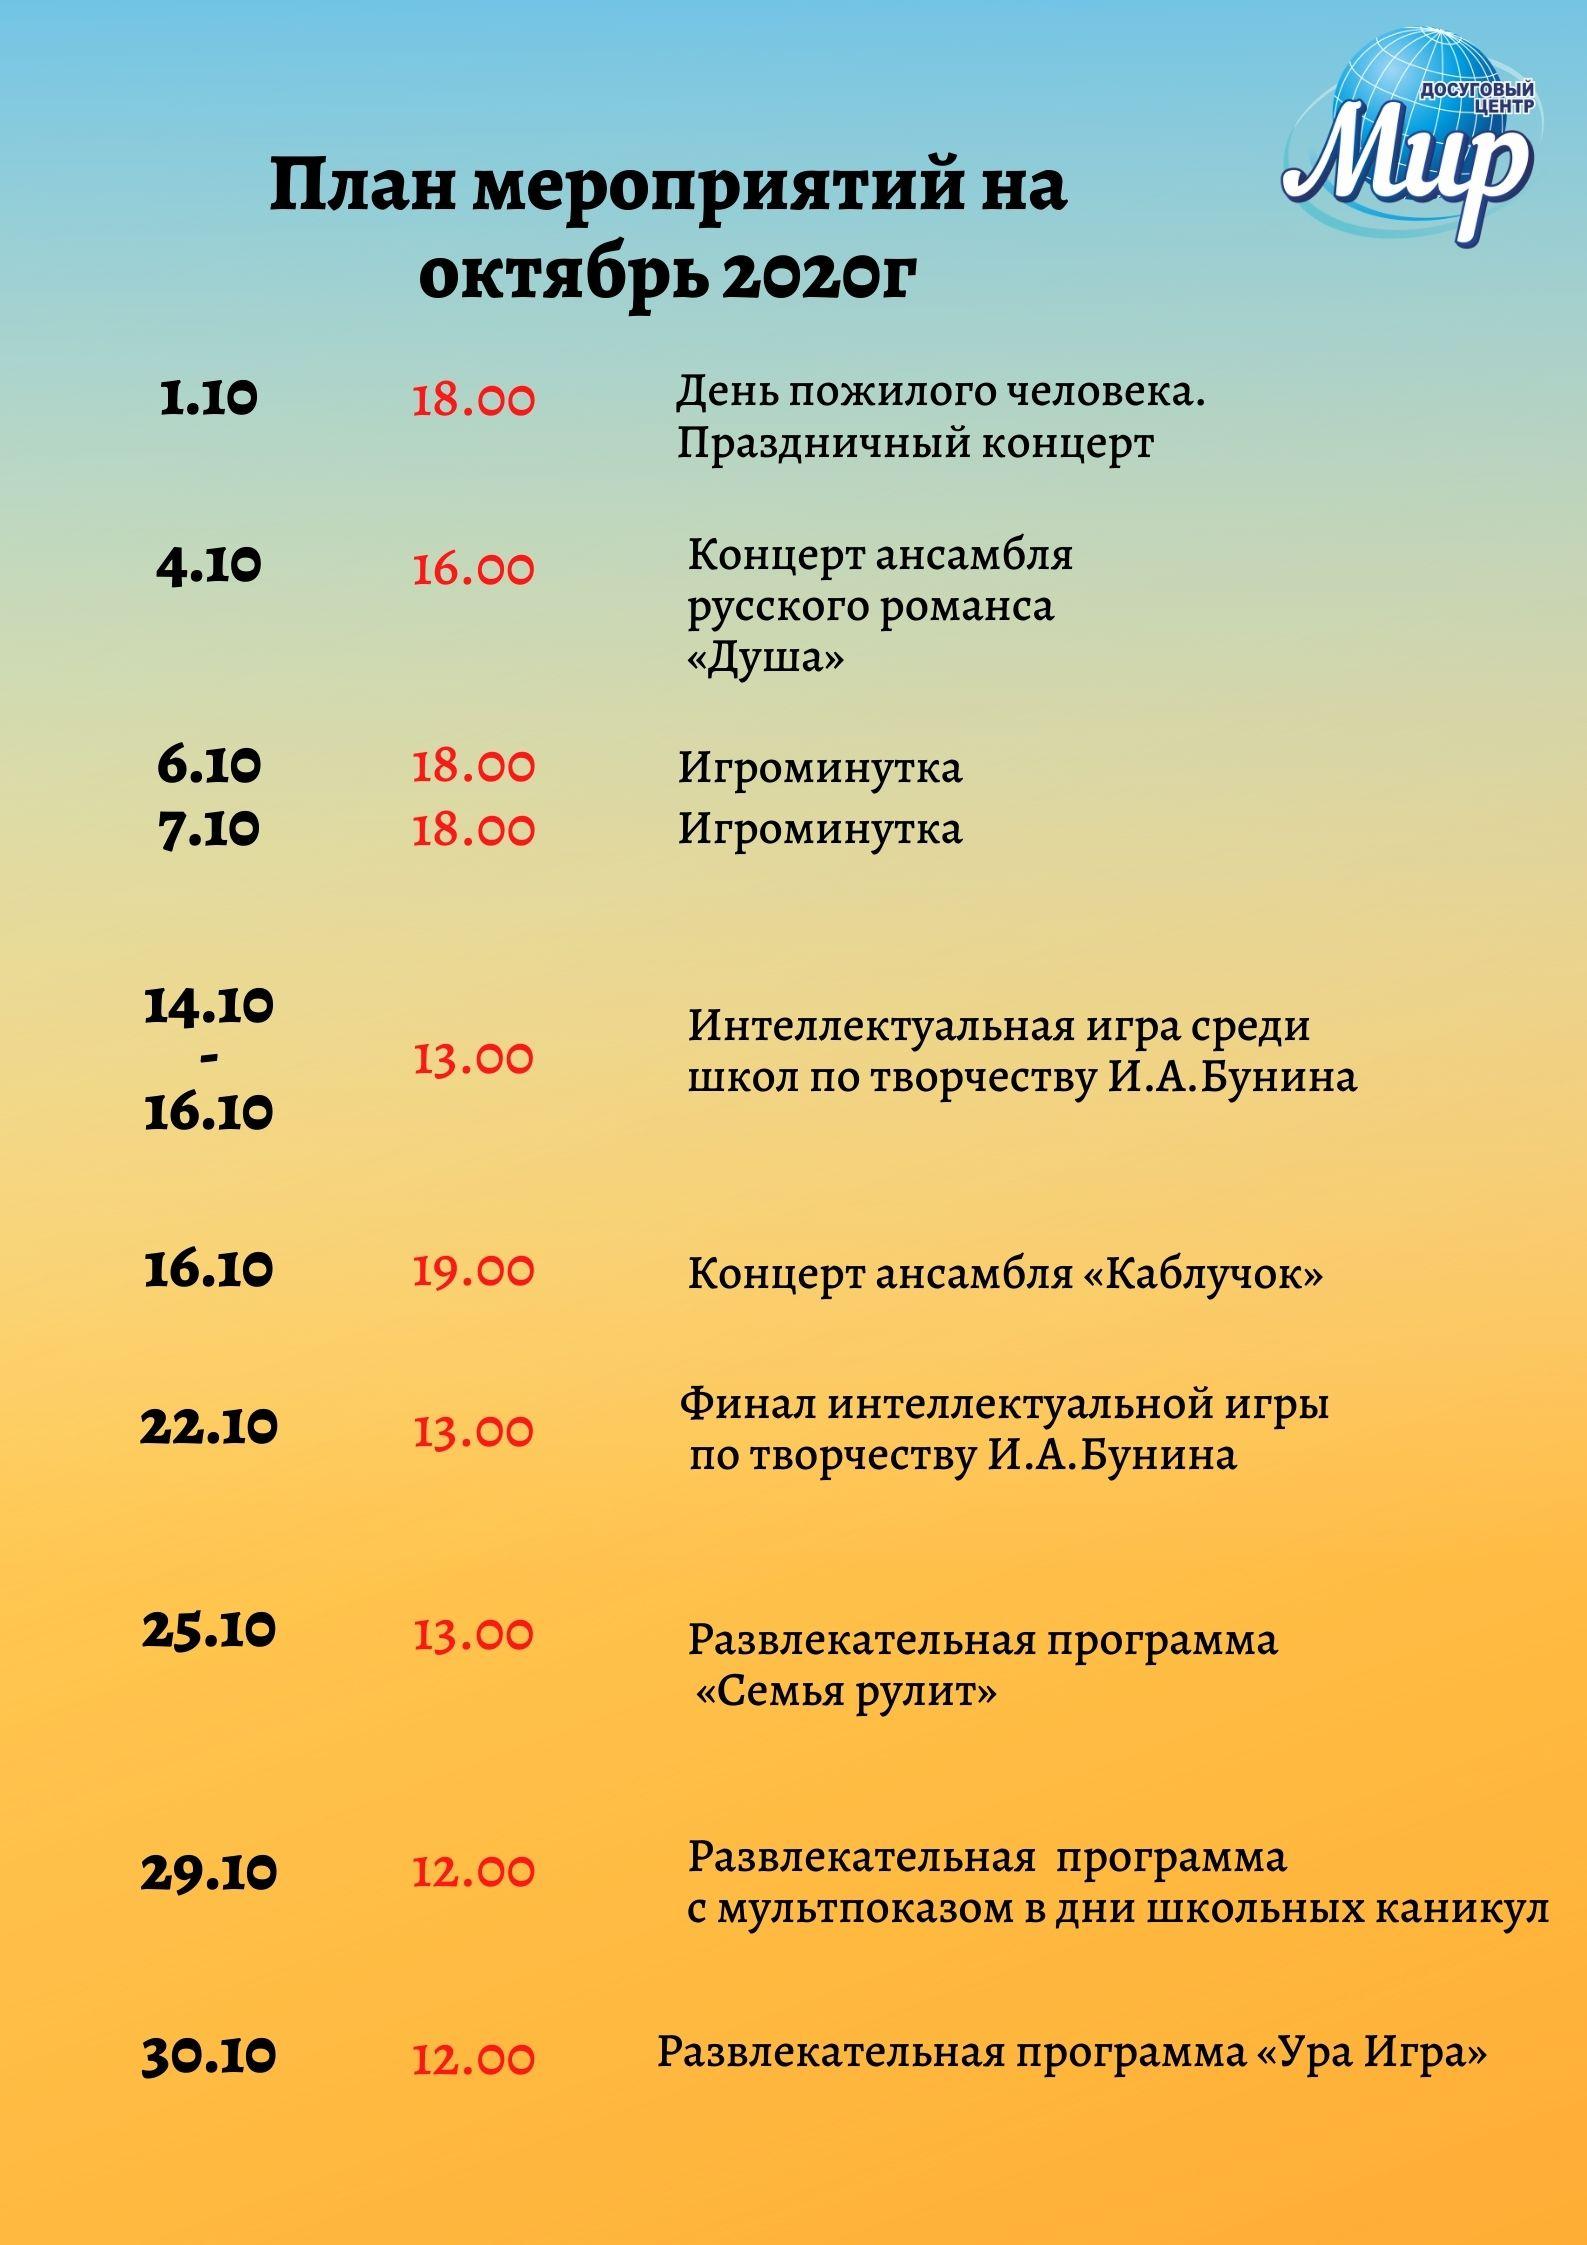 План мероприятий на октябрь 2020г